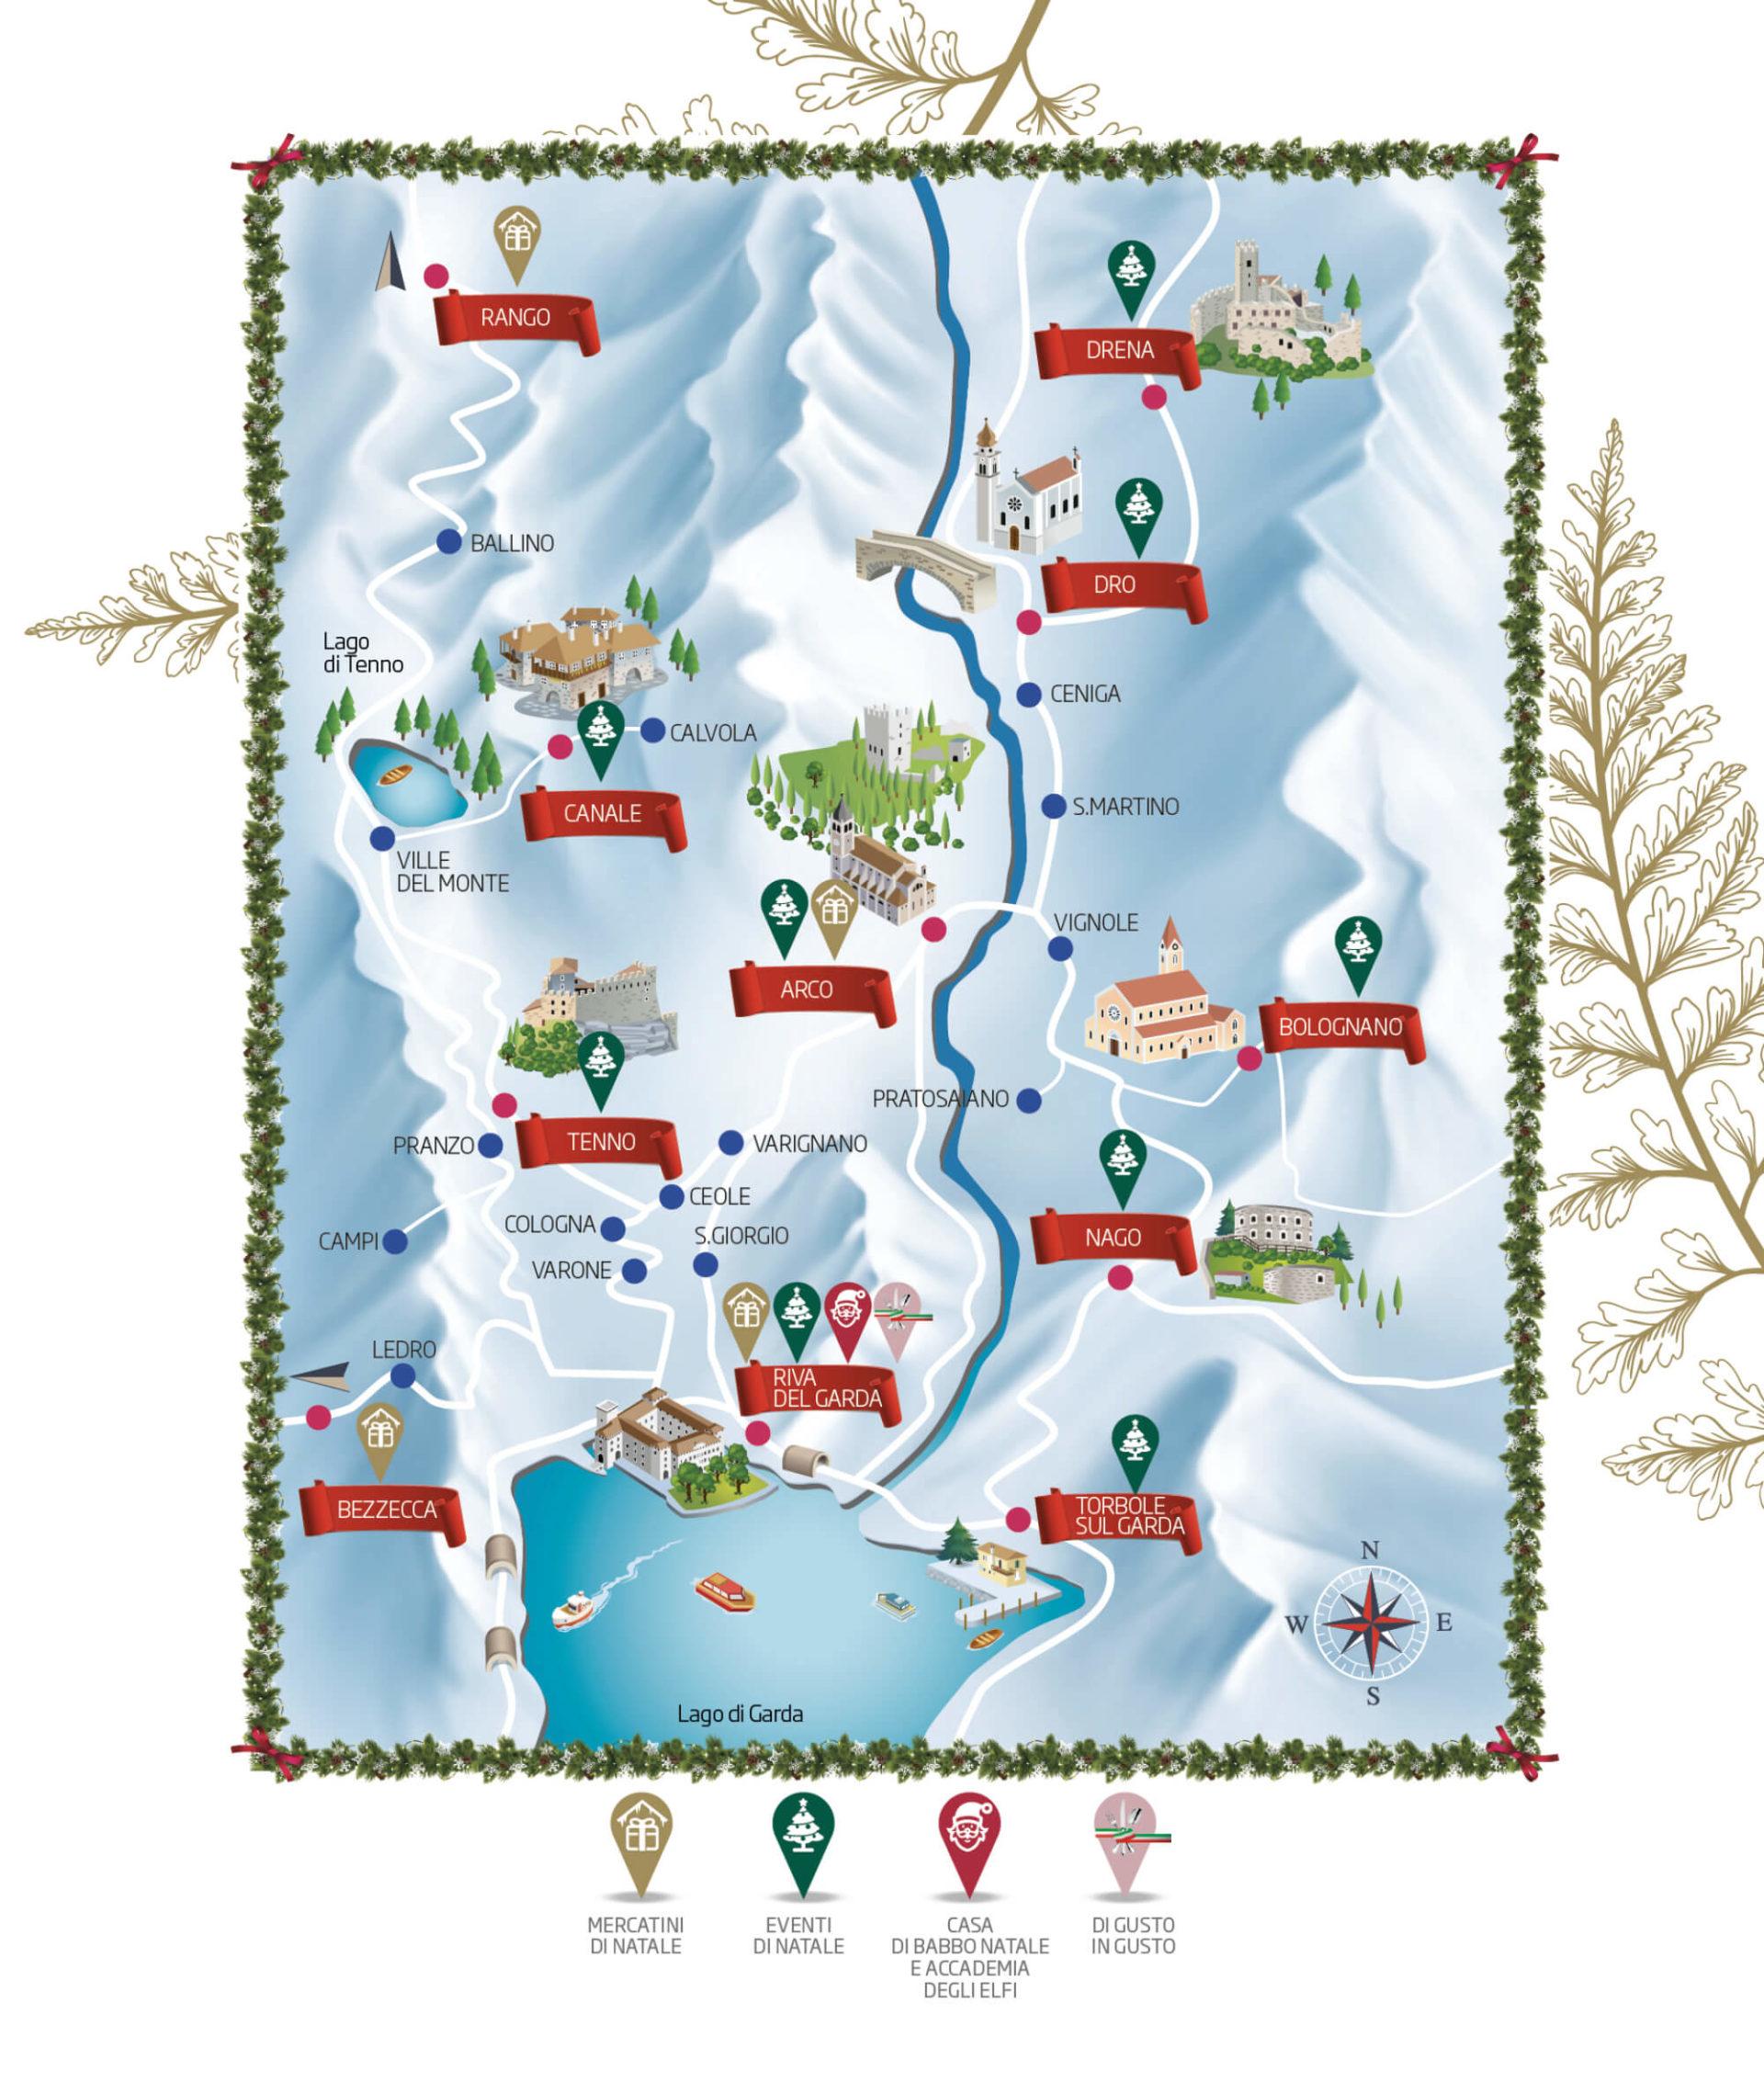 progetto per cartina mappa turistica a tema natalizio, creata da diade studio di comunicazione arco di trento